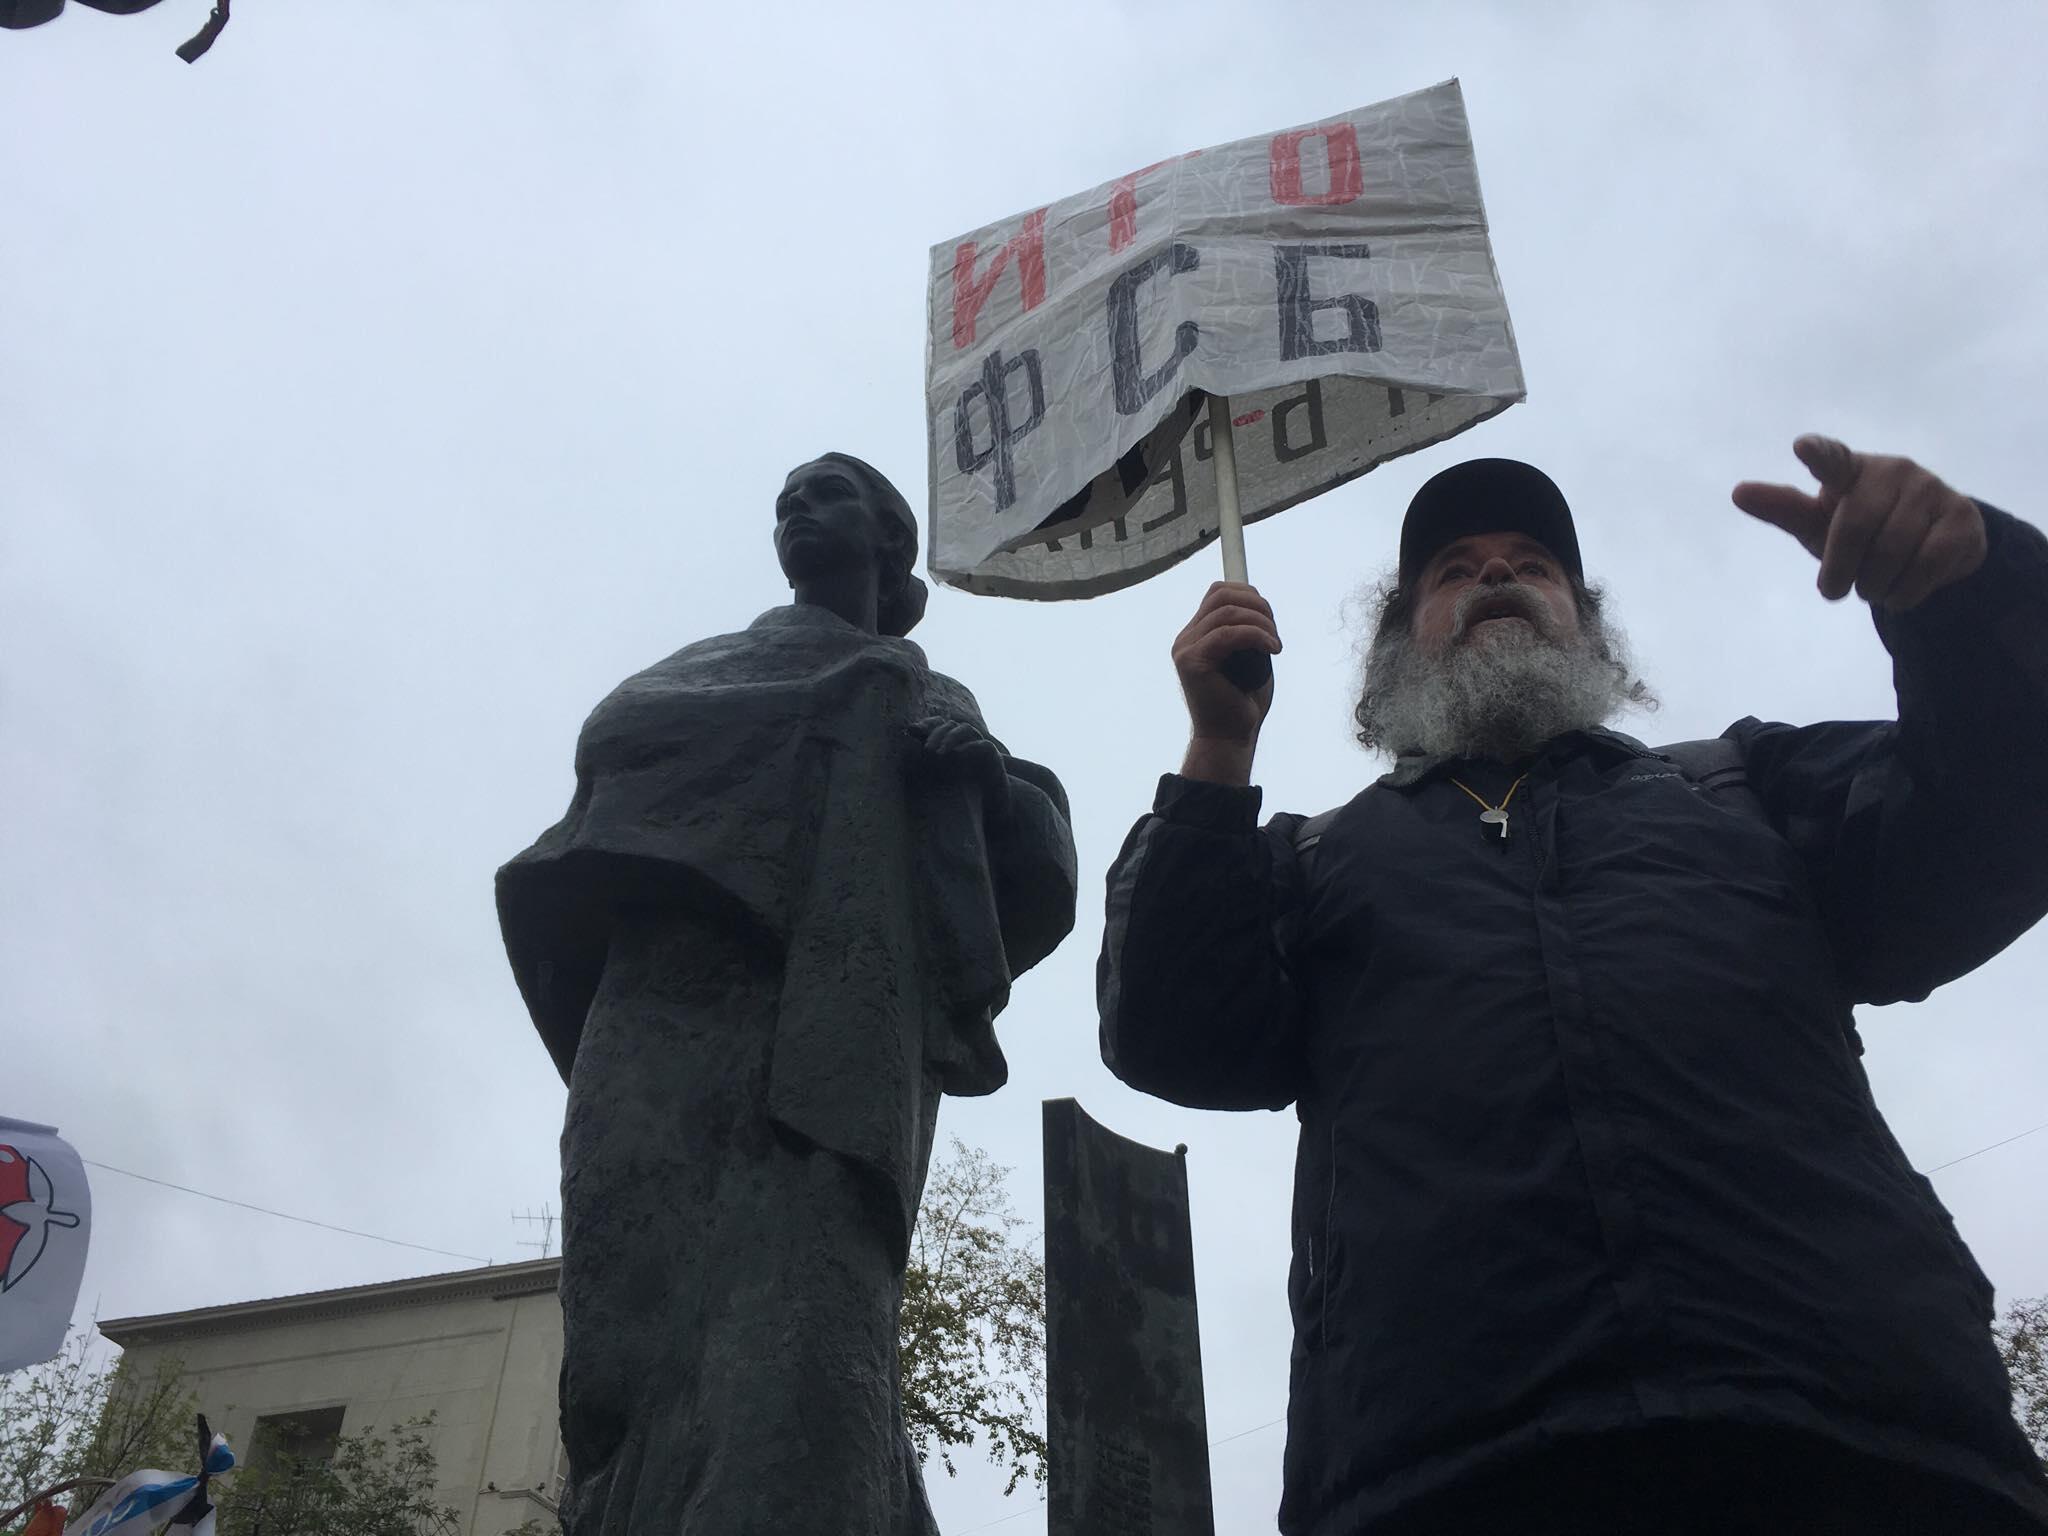 В центре Москвы начались одиночные пикеты в поддержку незарегистрированных кандидатов и арестованных по делу о «массовых беспорядках»